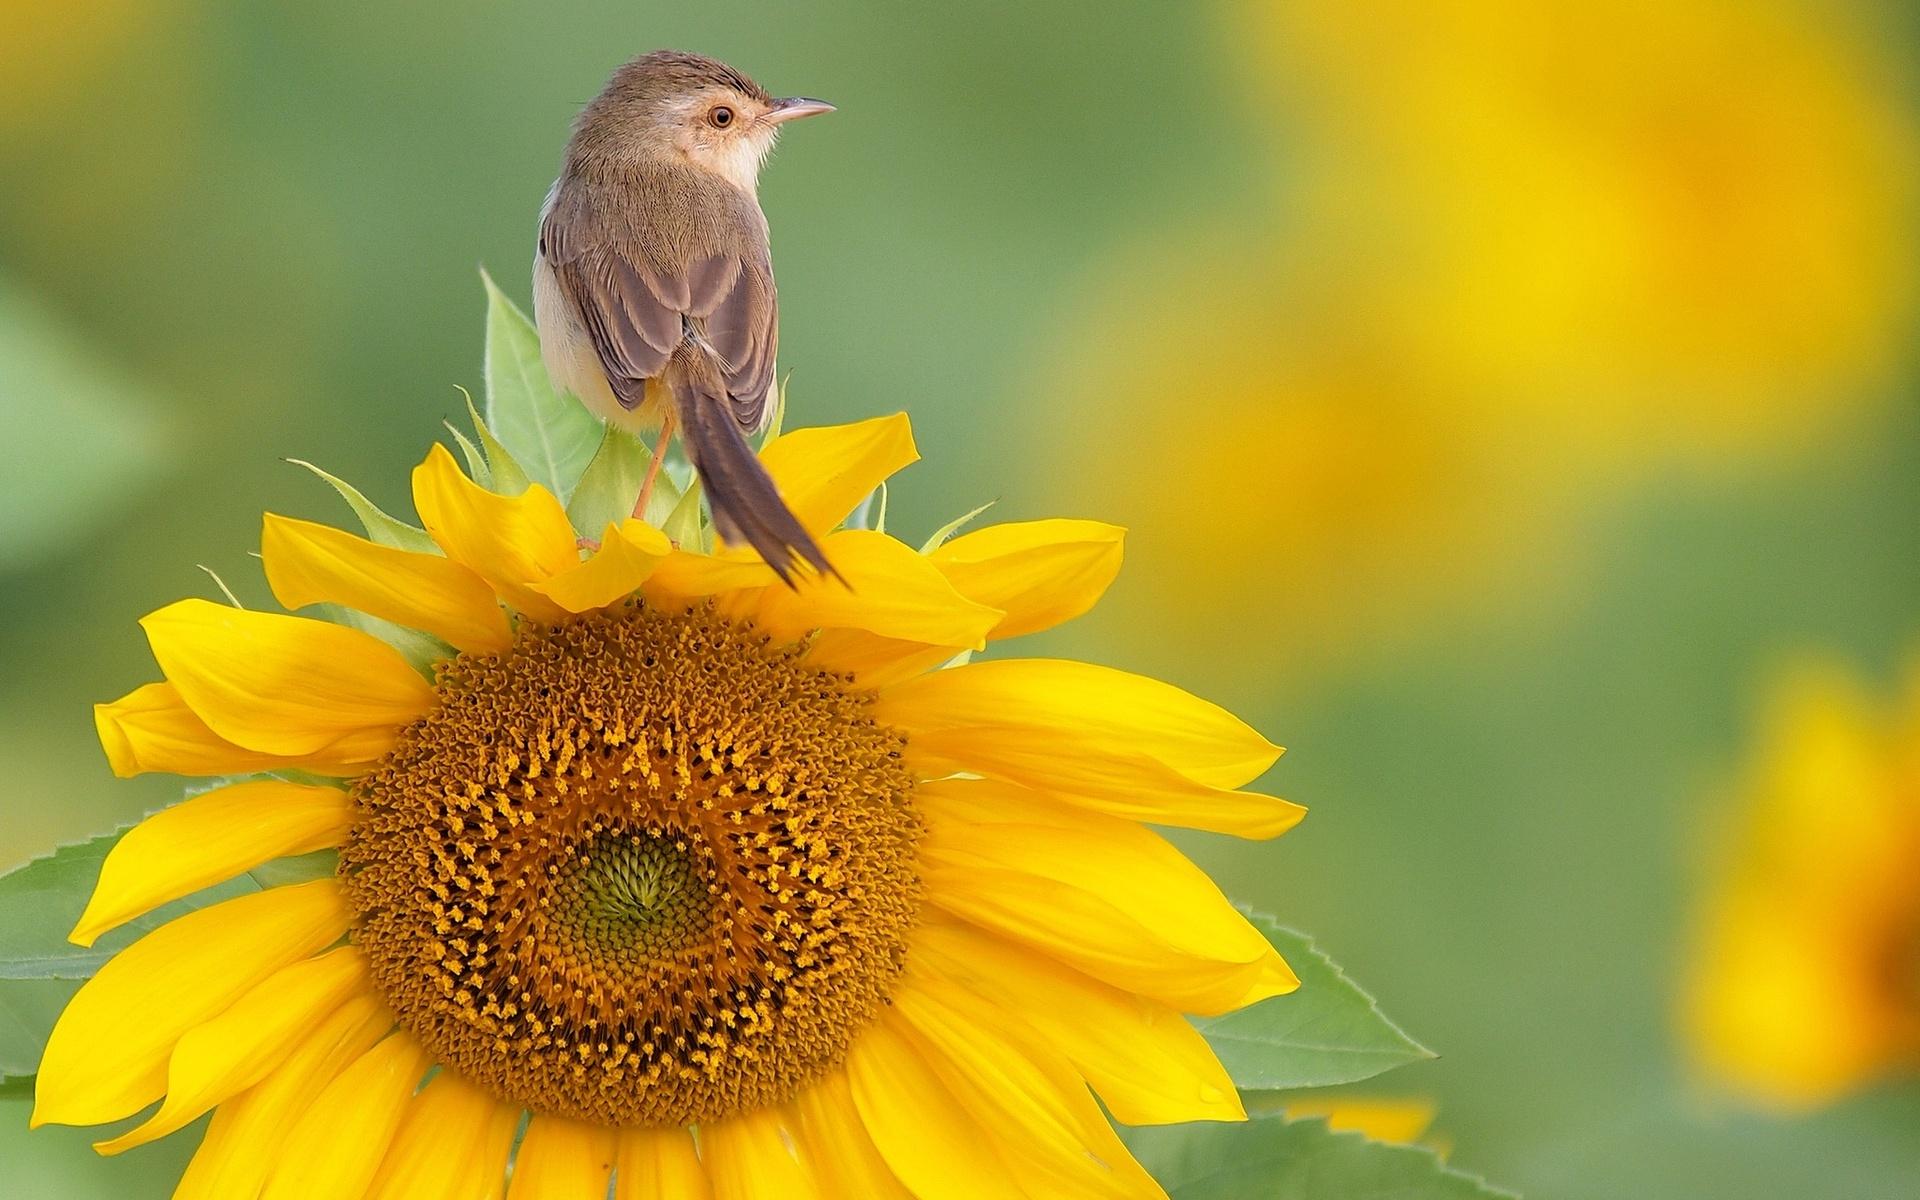 Animal Bird 1920x1200